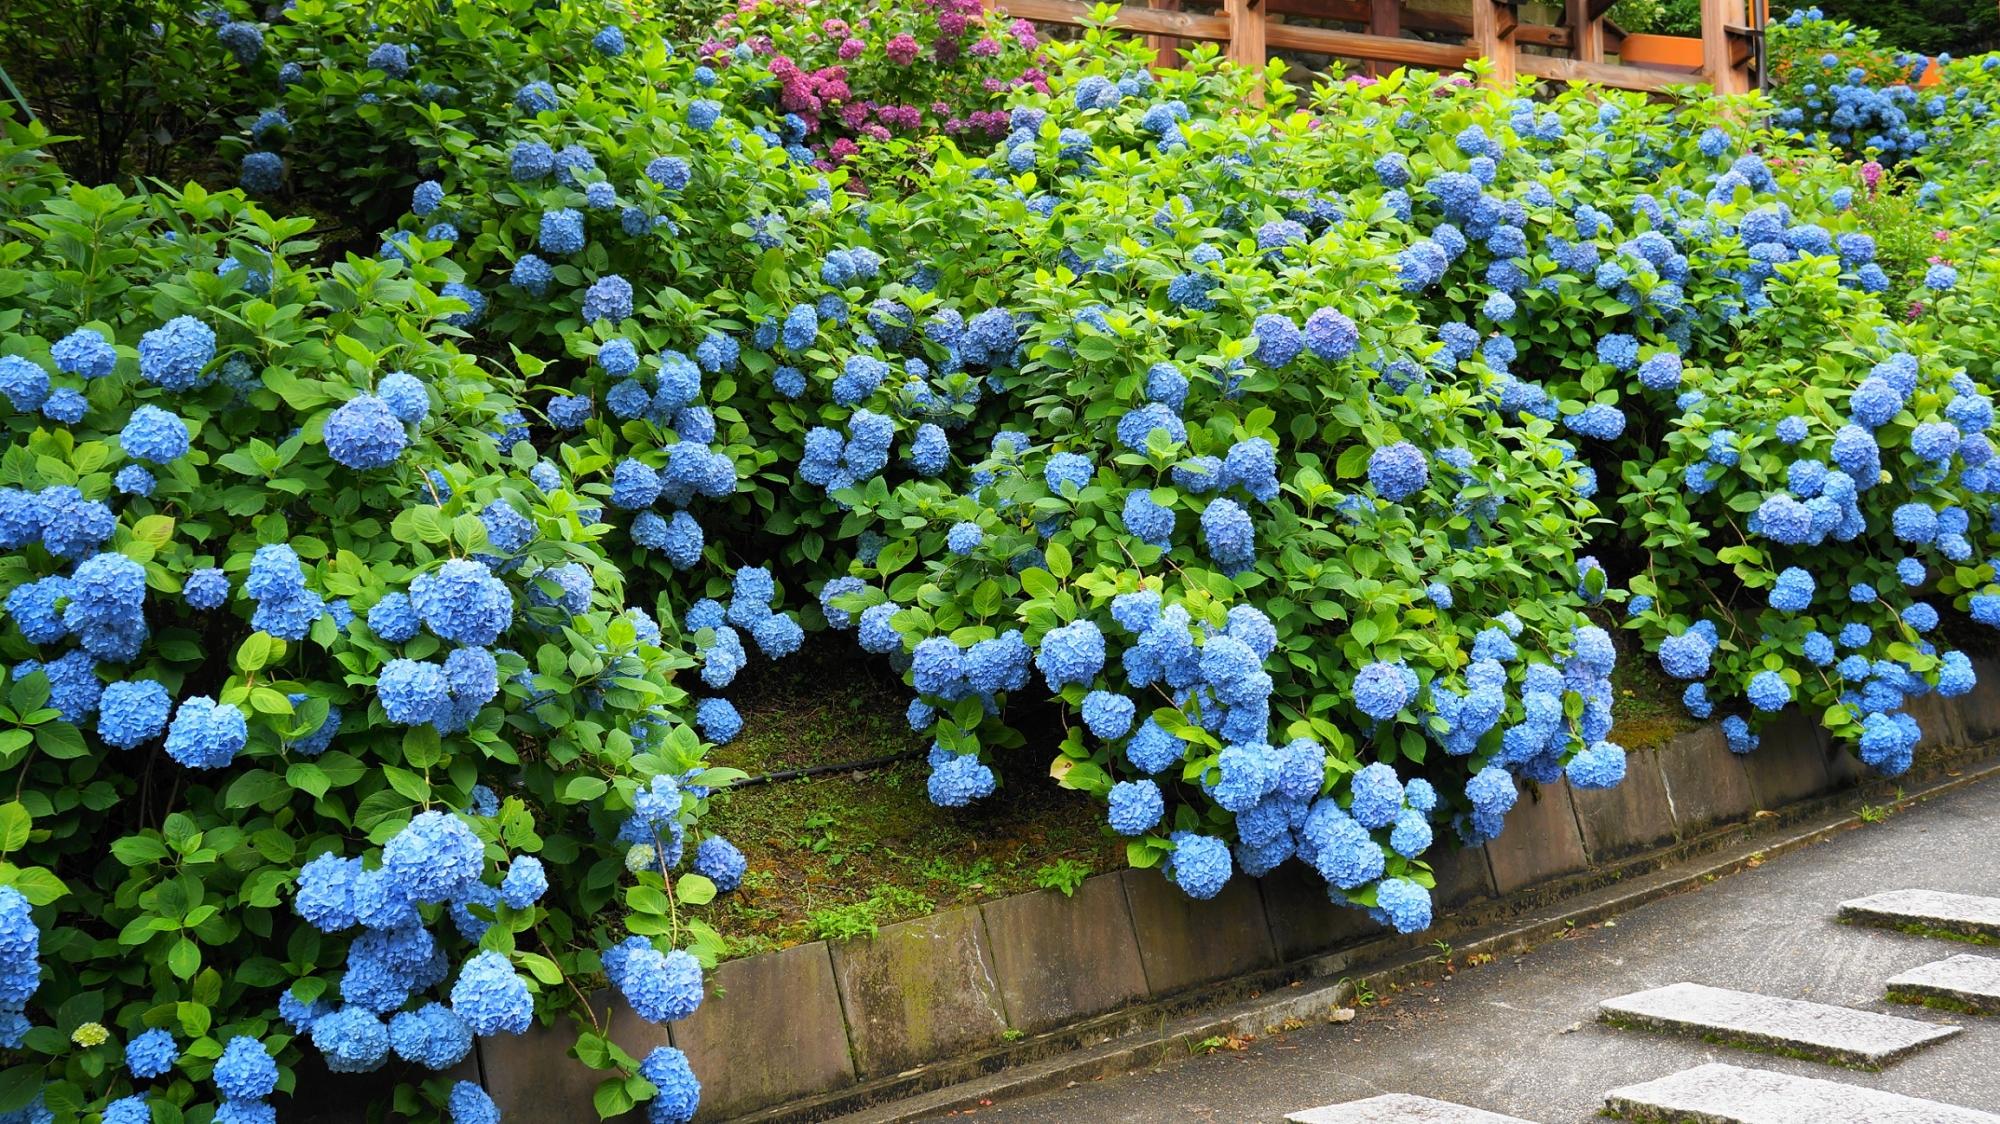 花の重たさでこぼれ落ちそうな見事な青い紫陽花